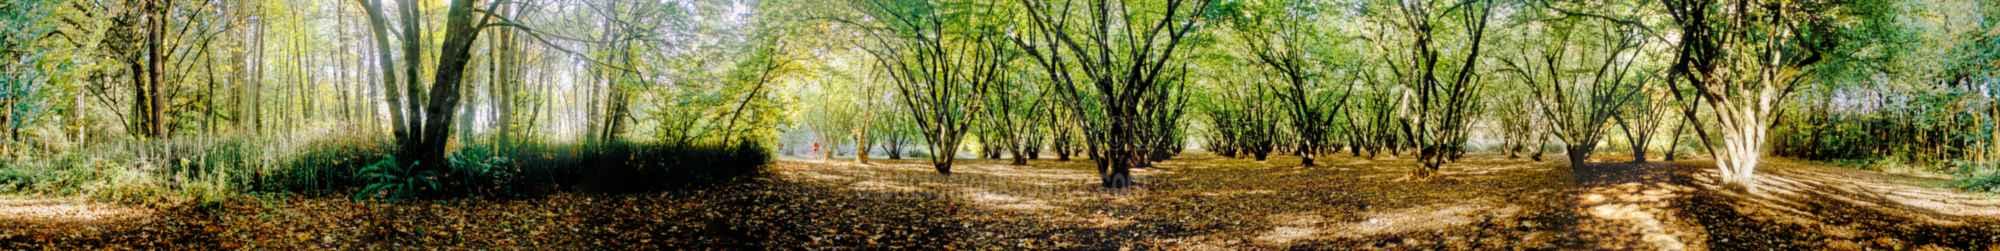 Dorris Ranch Filbert Grove